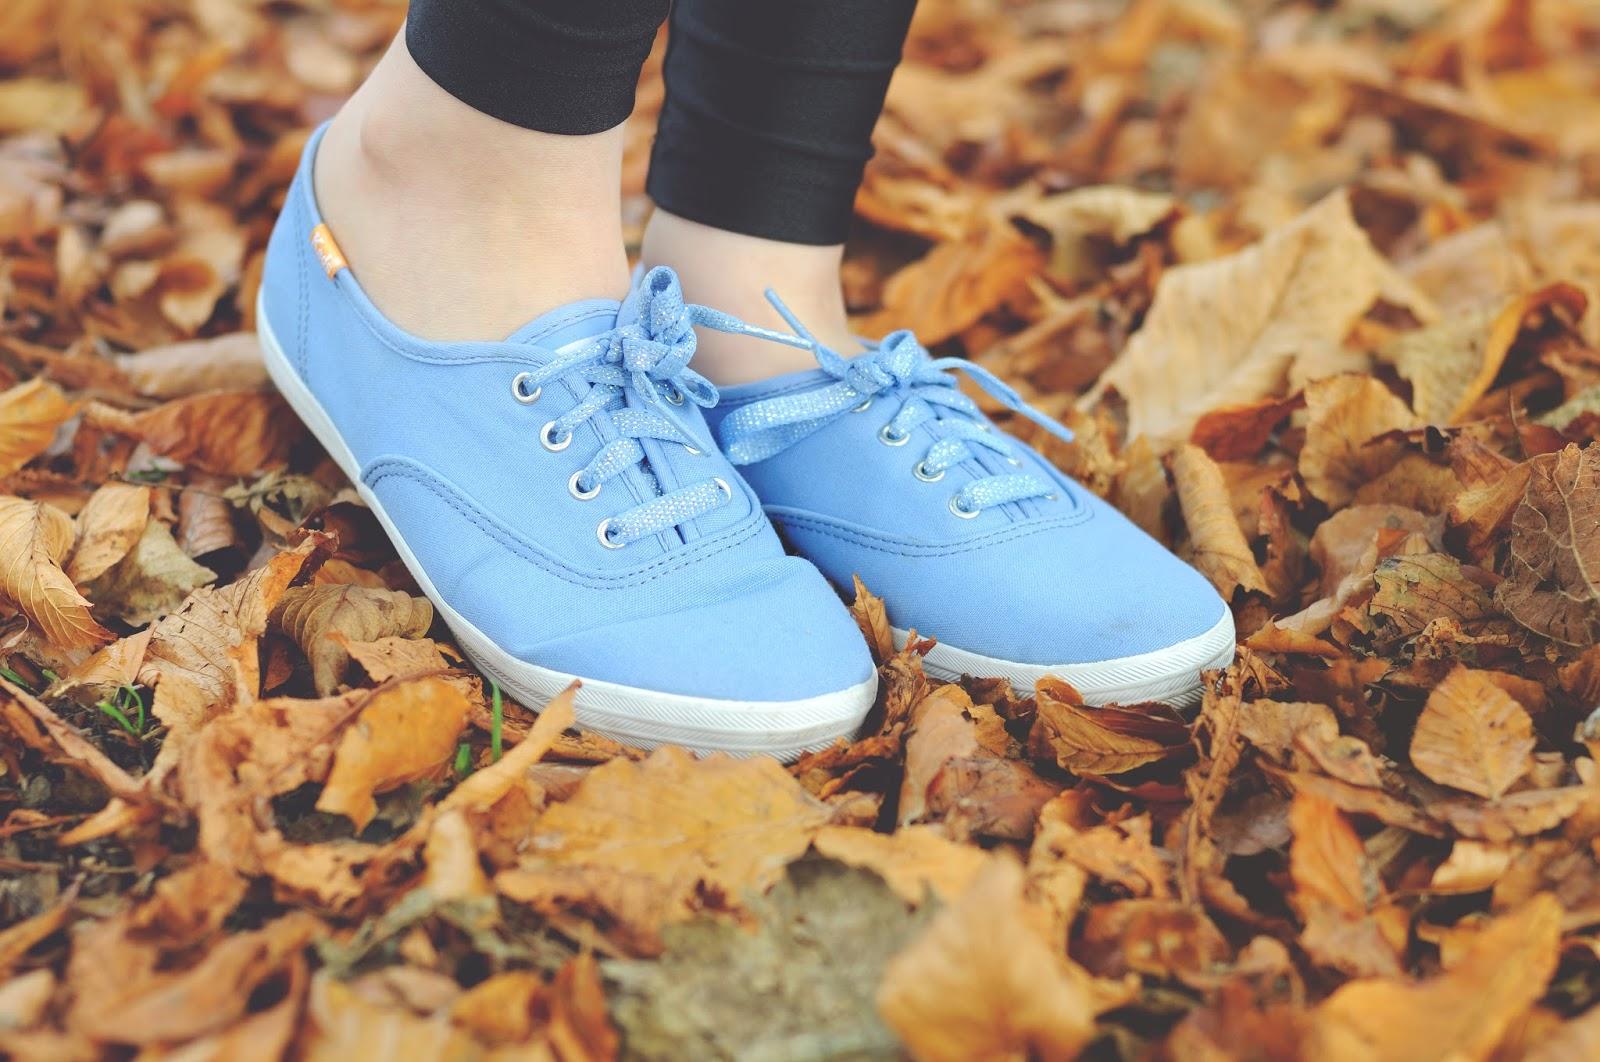 Blue keds, Keds trainers